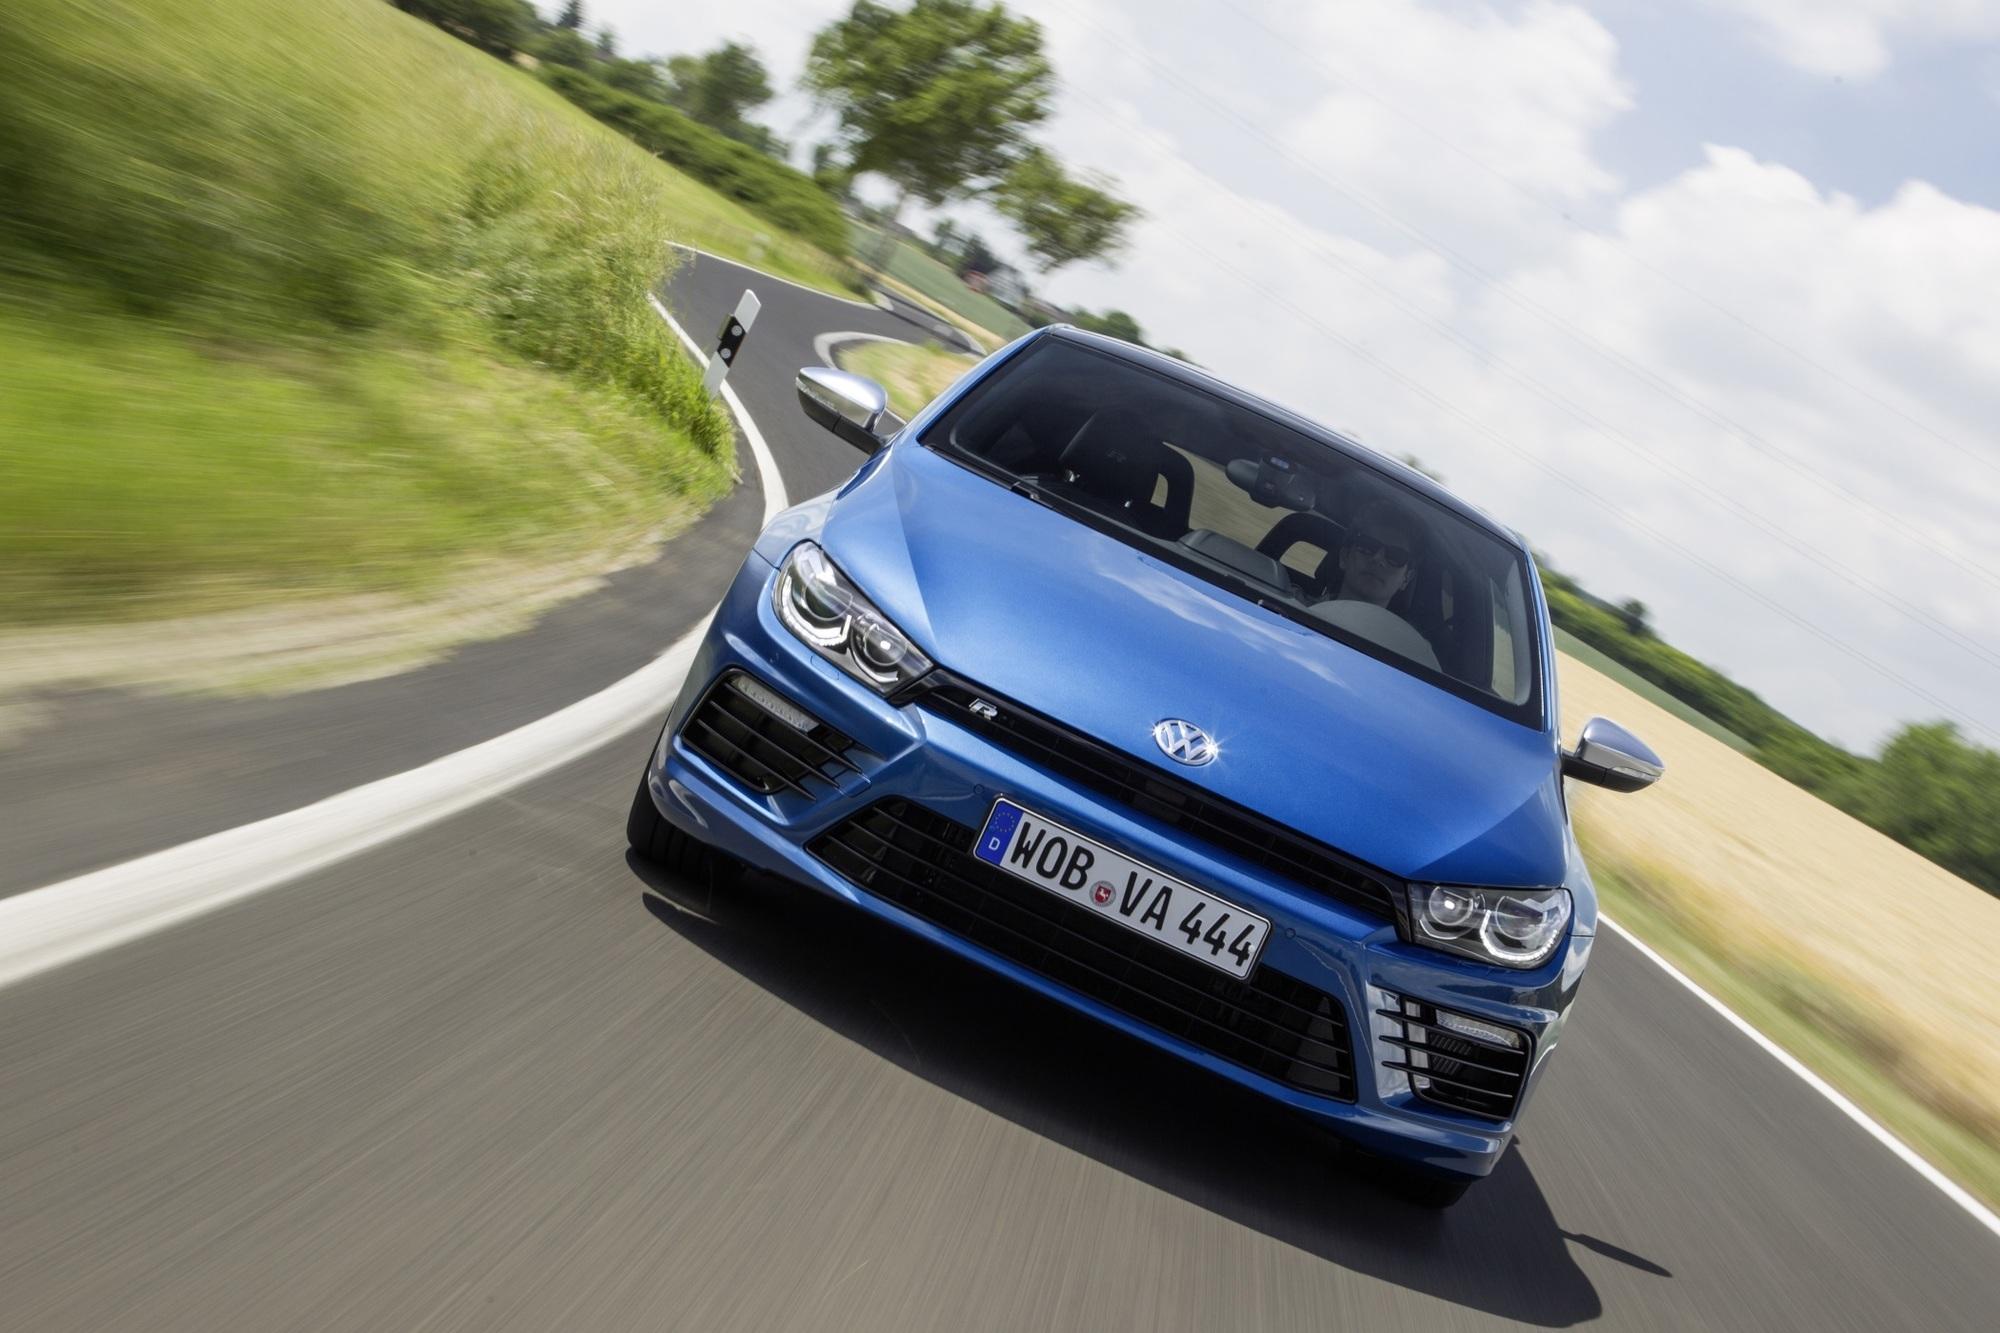 Fahrbericht: Volkswagen Scirocco - Zwei Türen zum glücklich sein